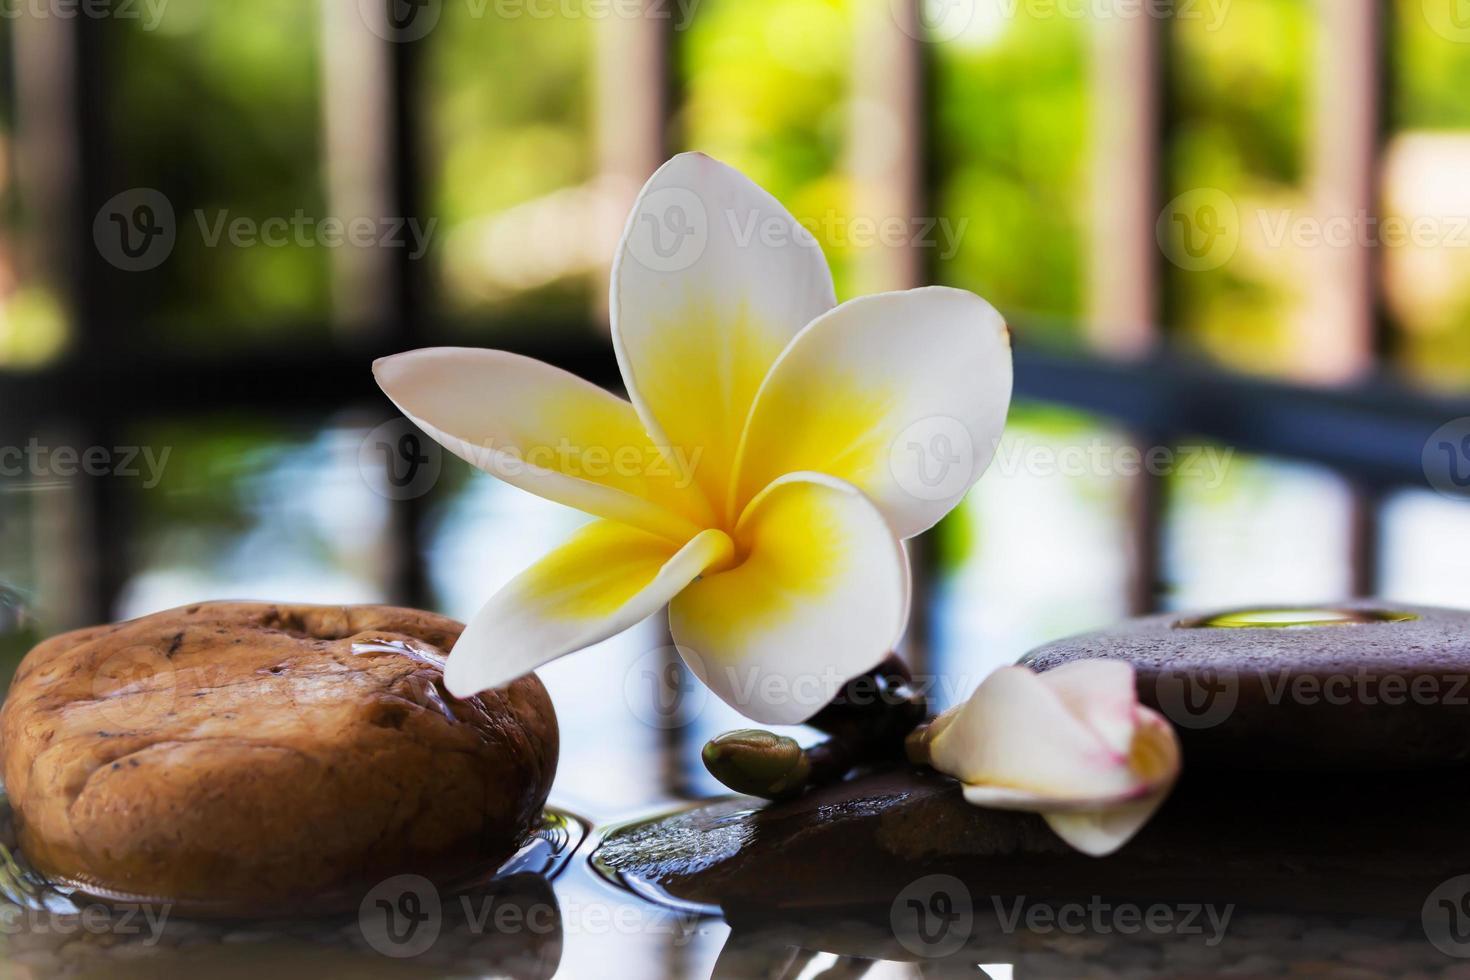 Plumeria o frangipani decorado en agua y roca de cantos rodados foto